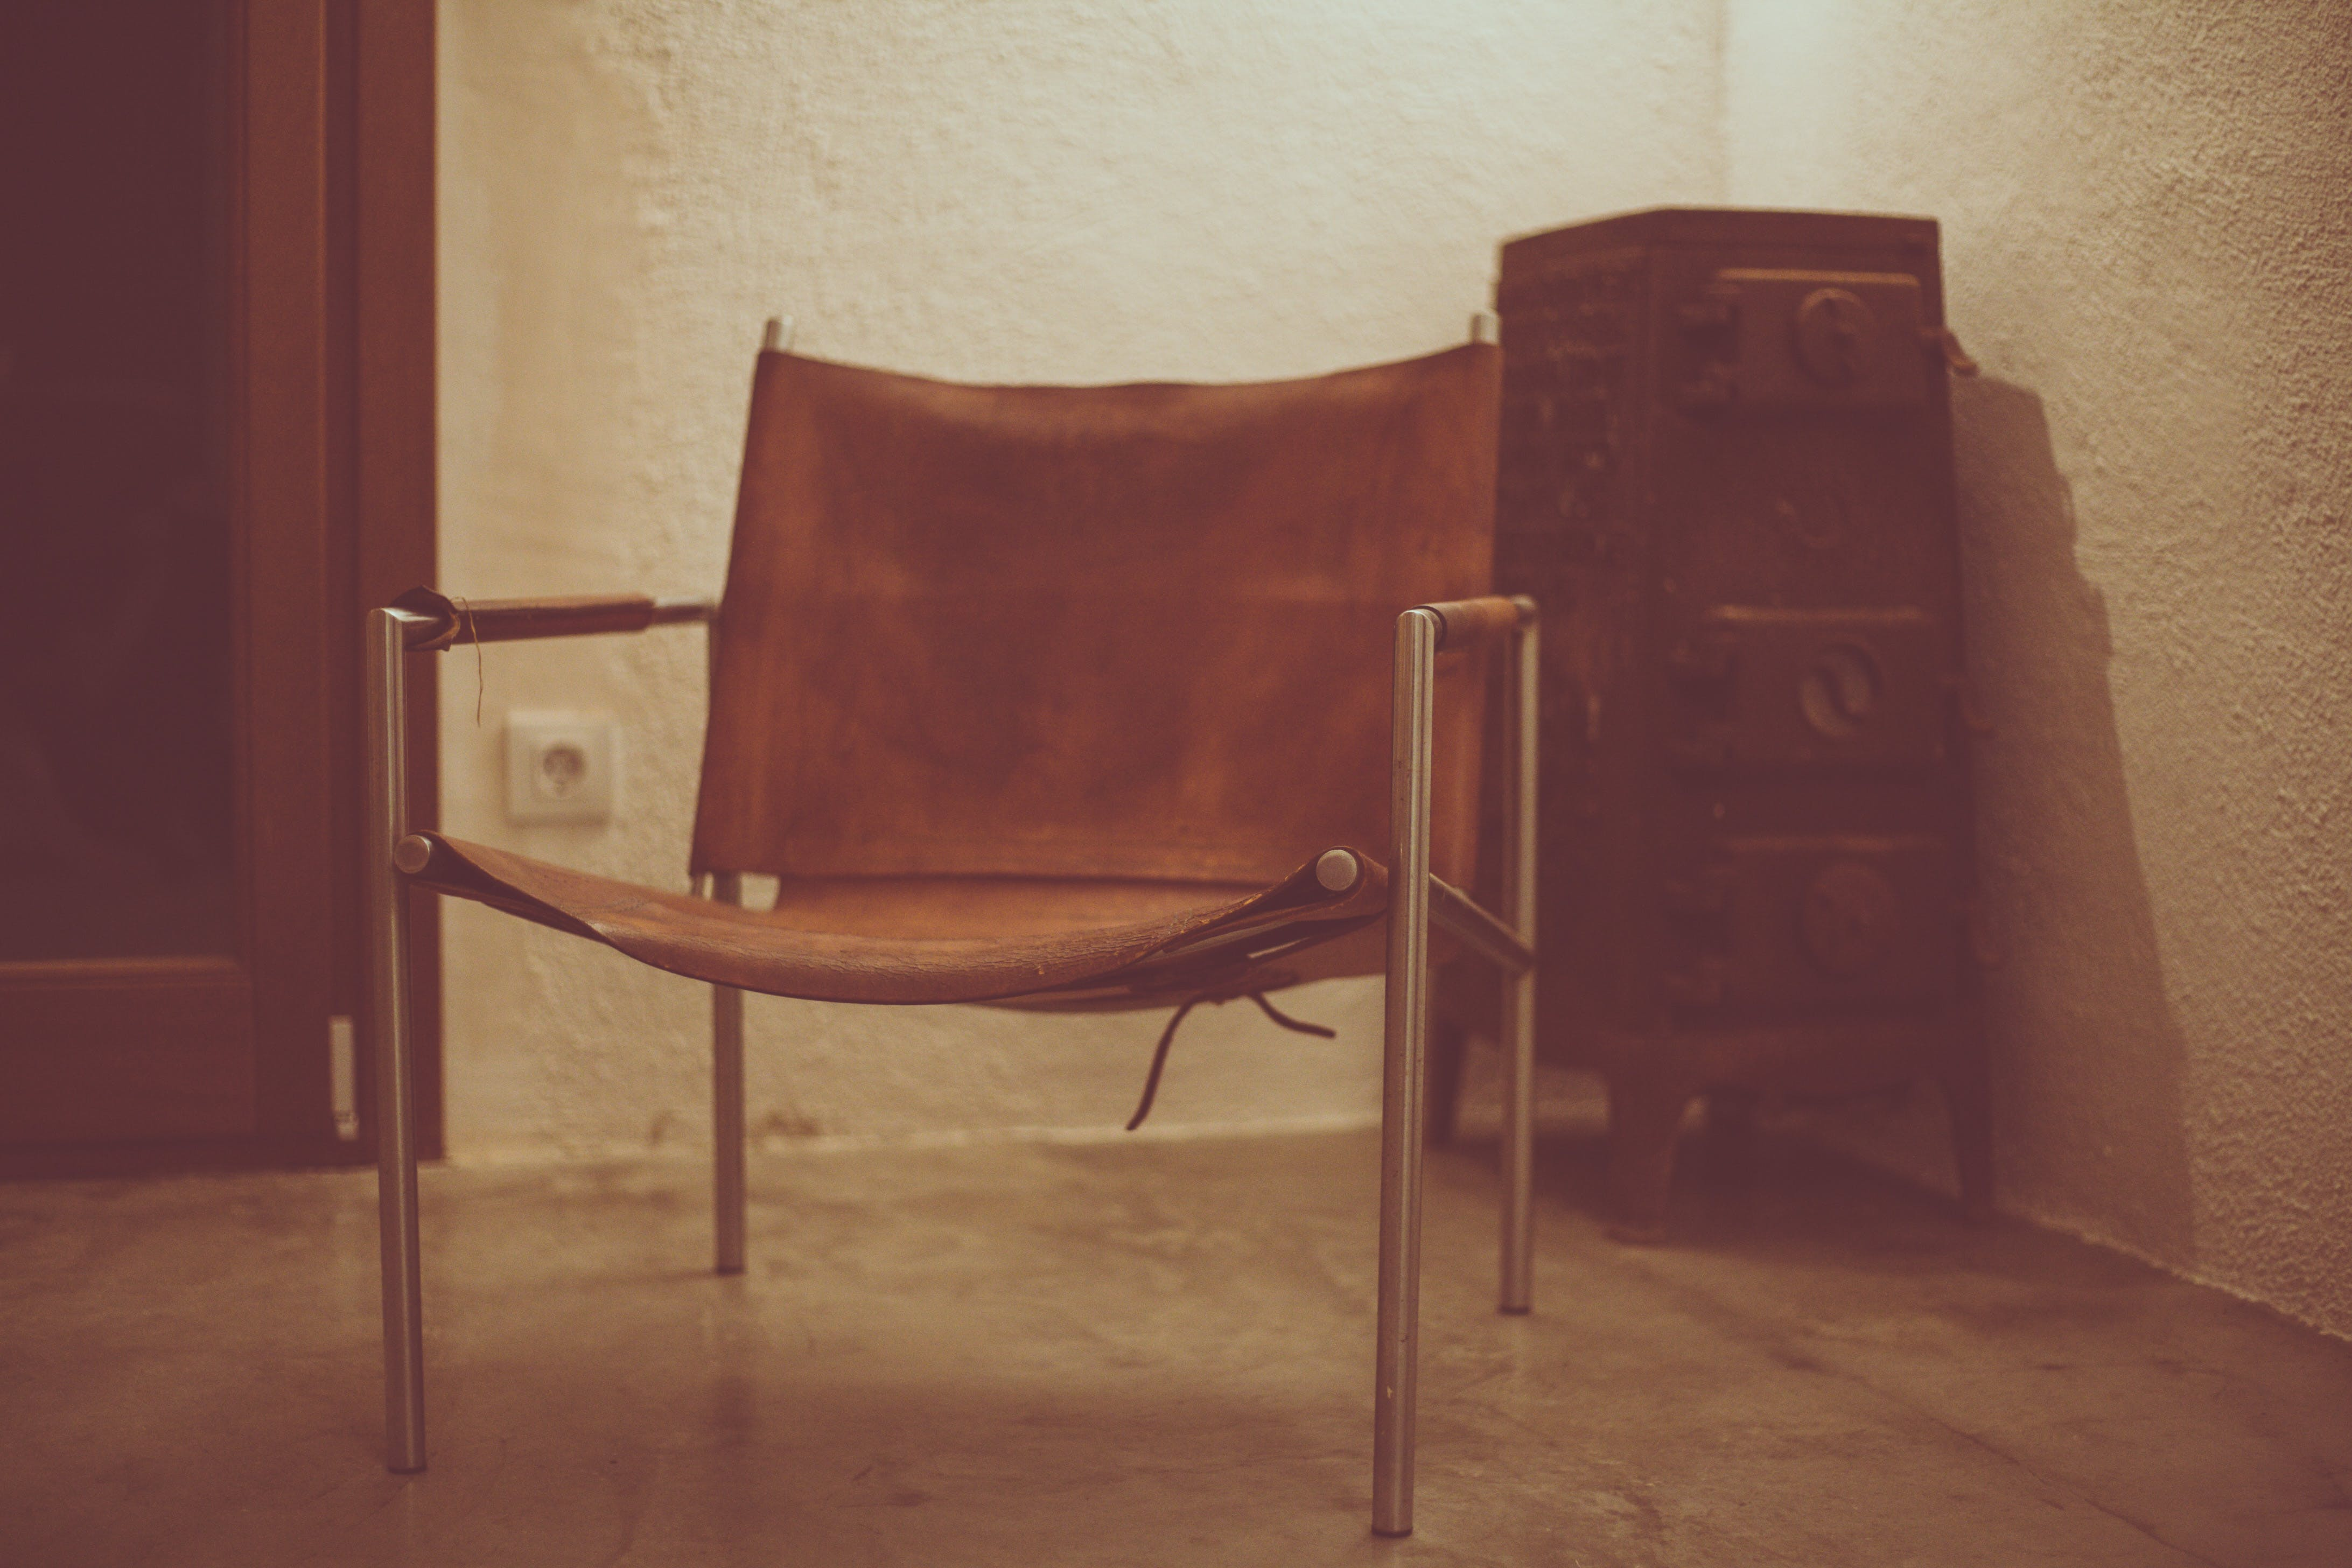 Δωρεάν στοκ φωτογραφιών με vintage, αδειάζω, αίθουσα αναμονής, εσωτερική διακόσμηση